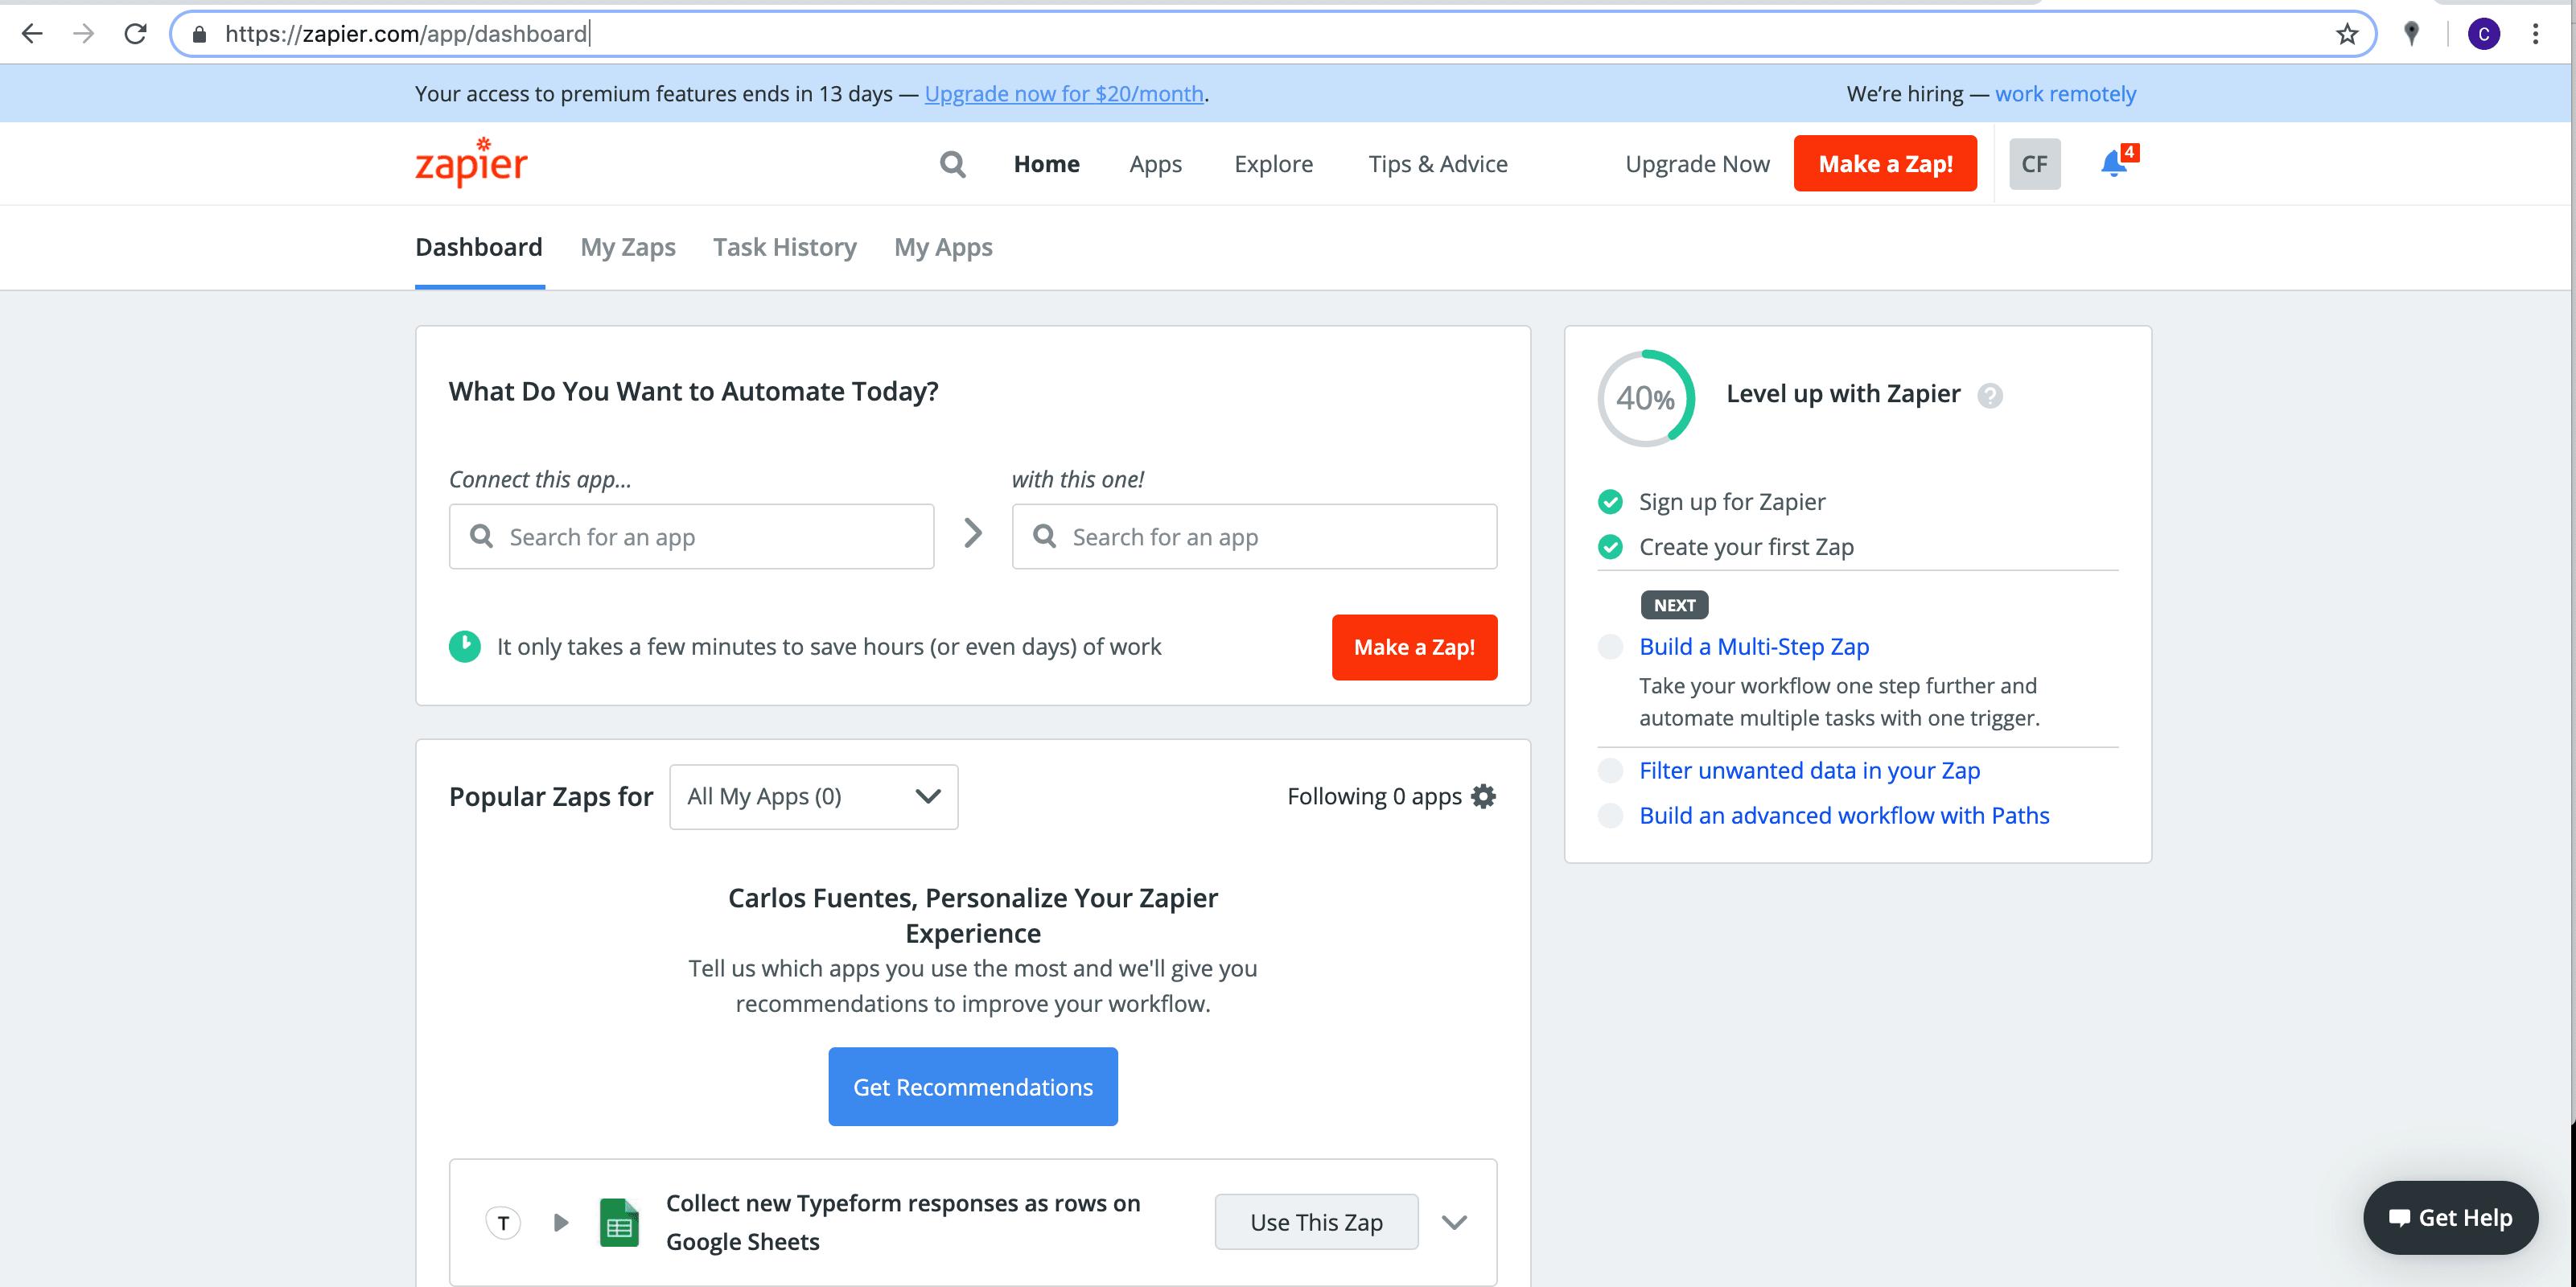 Zap Send Personalized e-mail